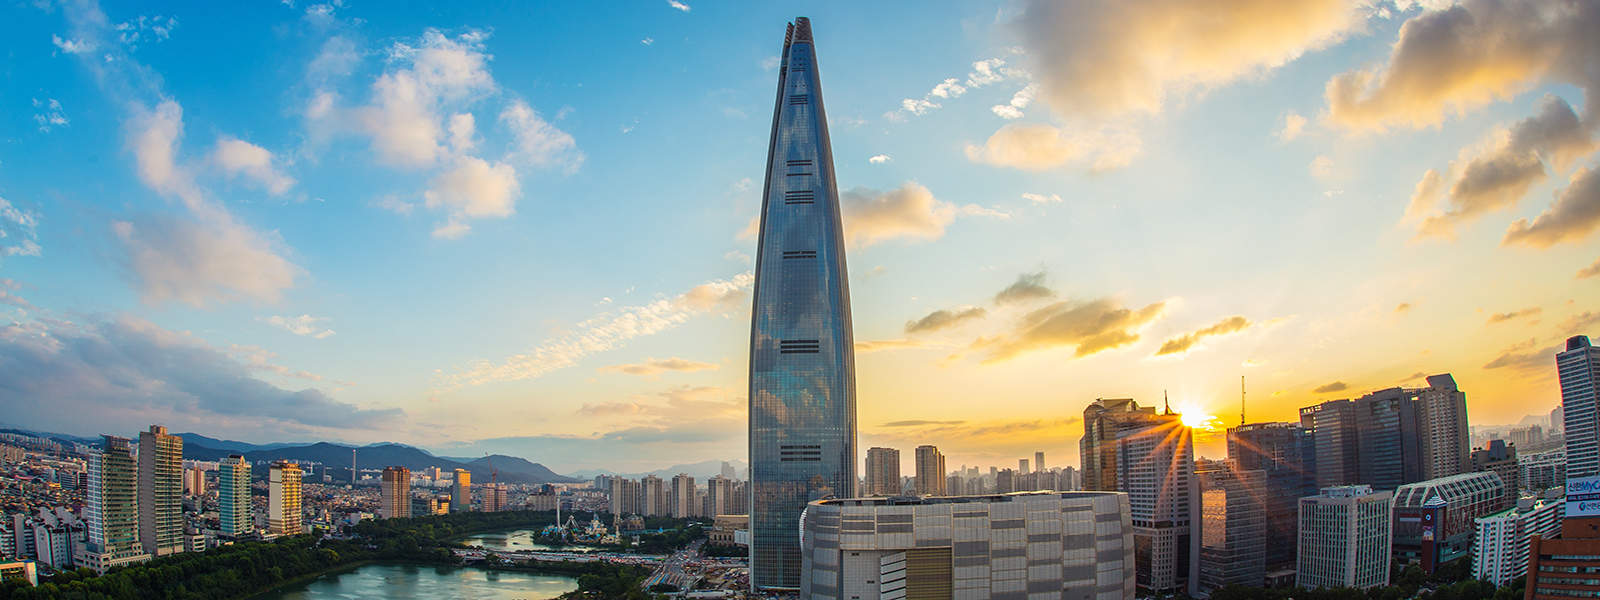 برنامج سياحي لمدة 10 أيام في كوريا الجنوبية